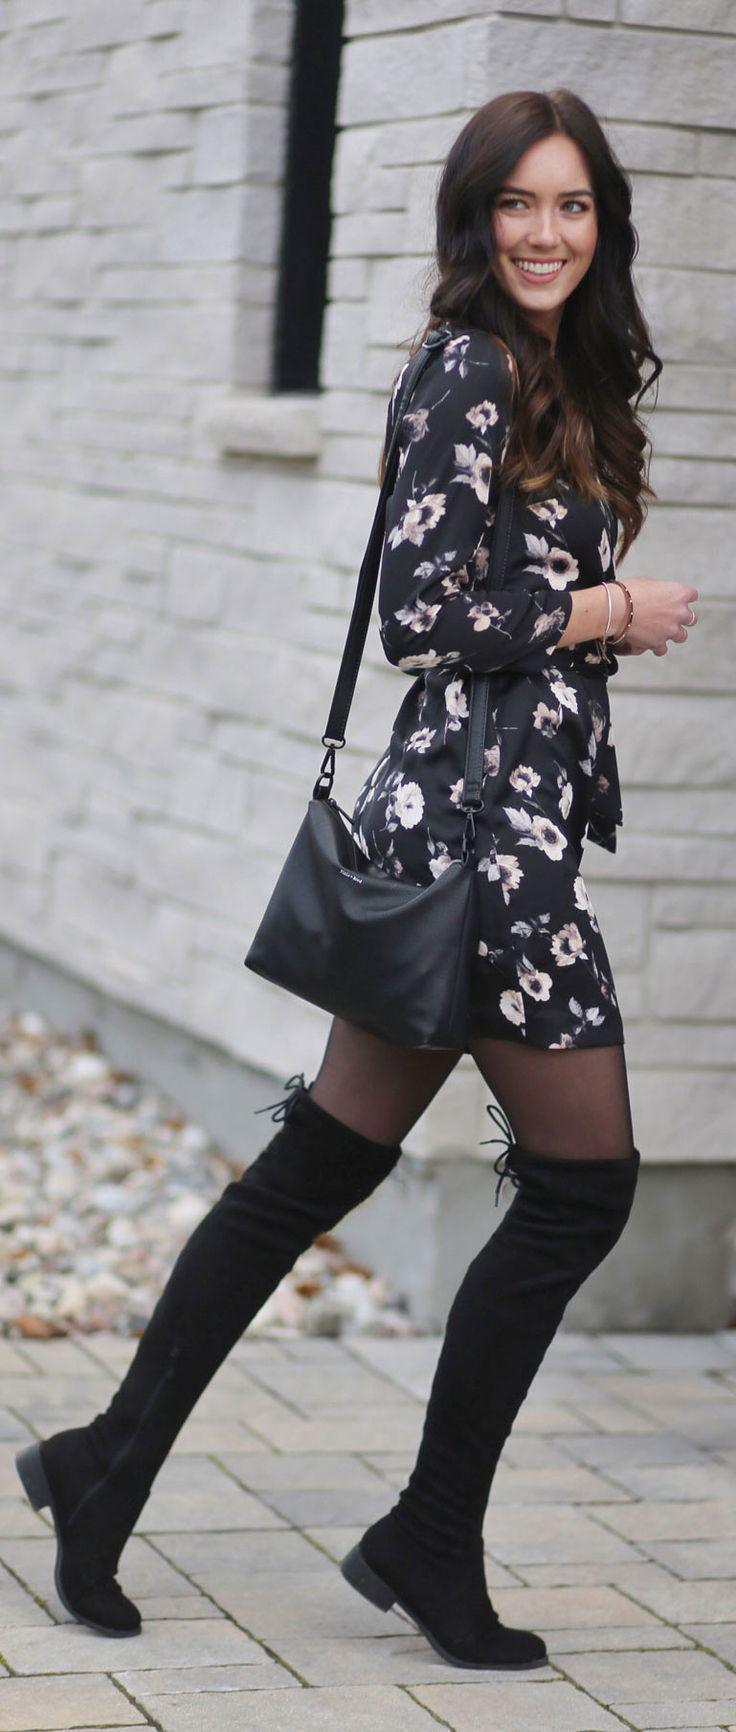 Fall's biggest trends: 7. Satin dress